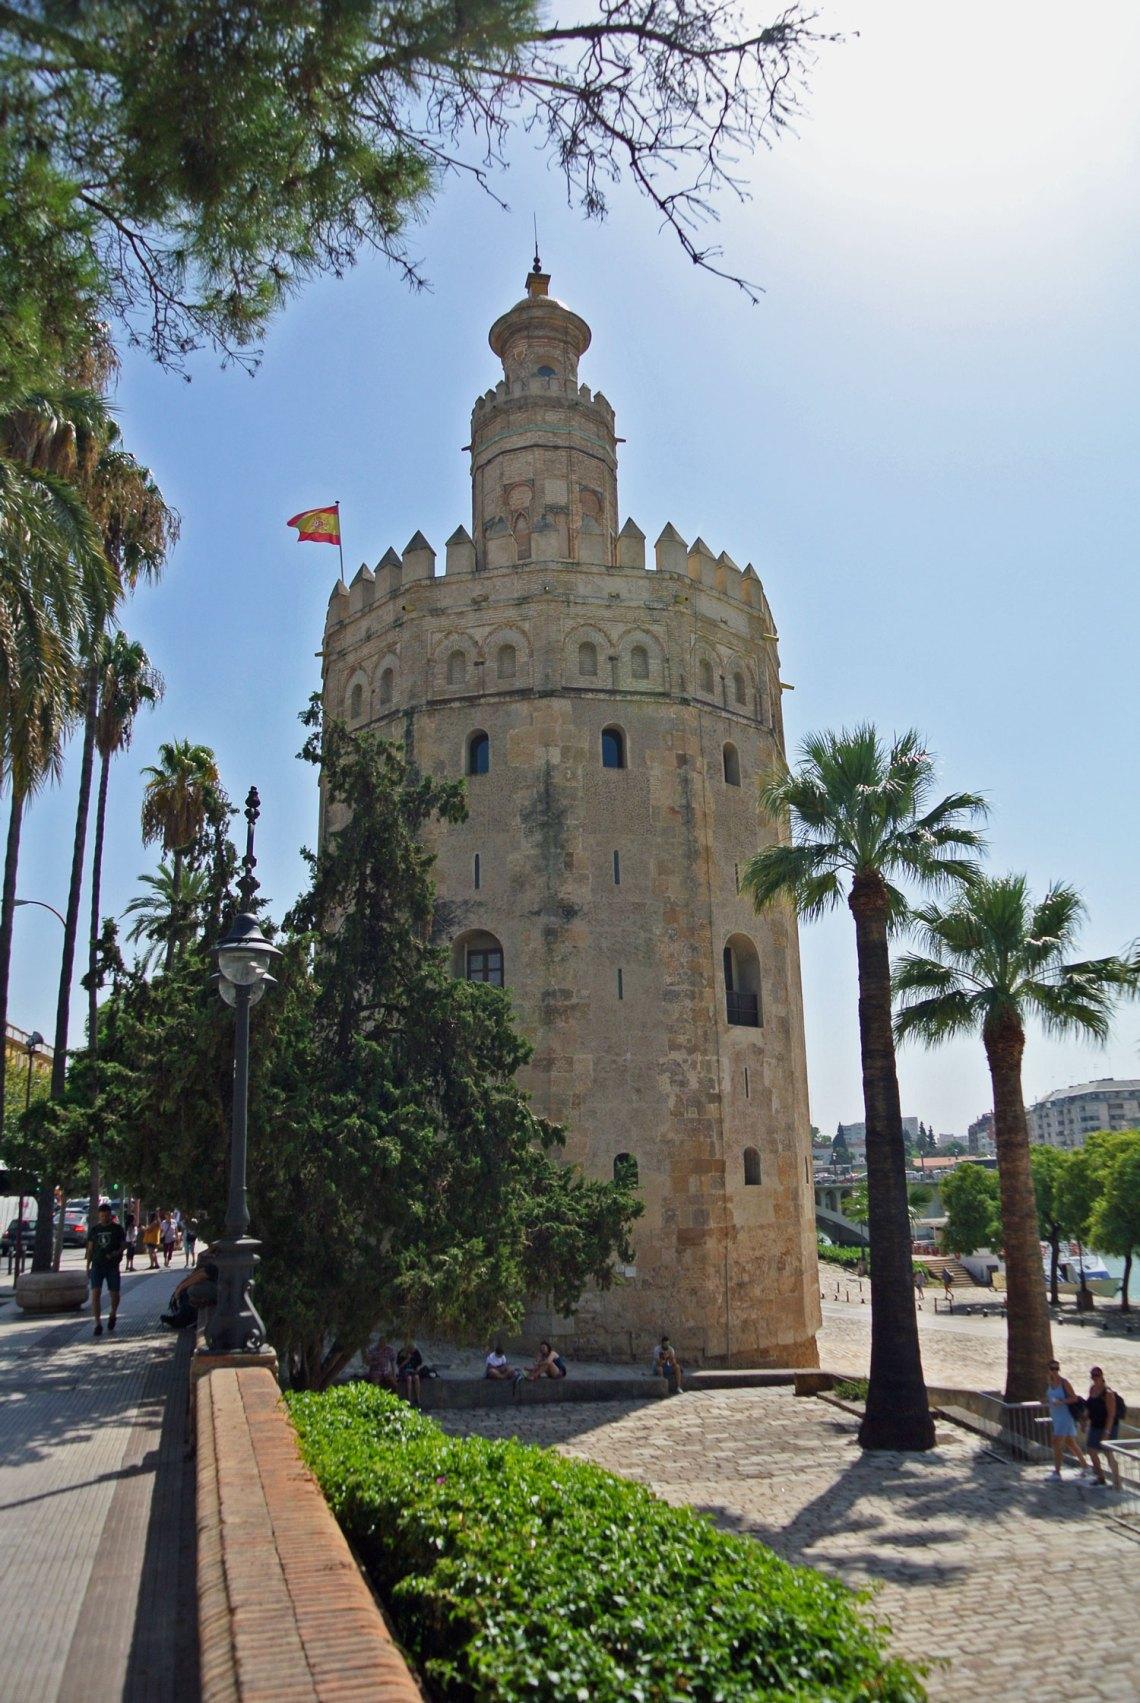 Torre del Oro in Andalusien, Spanien